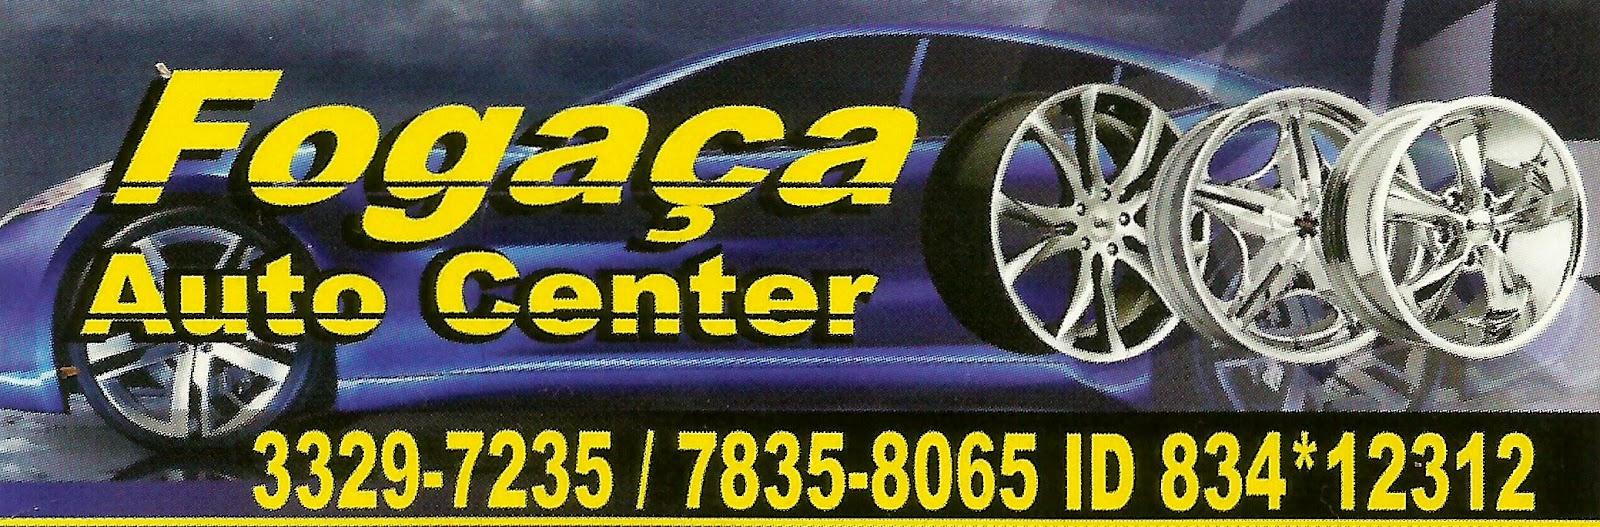 Fogaça AUTO CENTER Av. Itavuvu, 51989 Jardim Maria Antônia Prado Sorocaba - SP e-mail: fogaçaautocenter@gmail.com tel: (15) 3329-7235 Nextel:(15) 7835-8065 / ID 834*12312